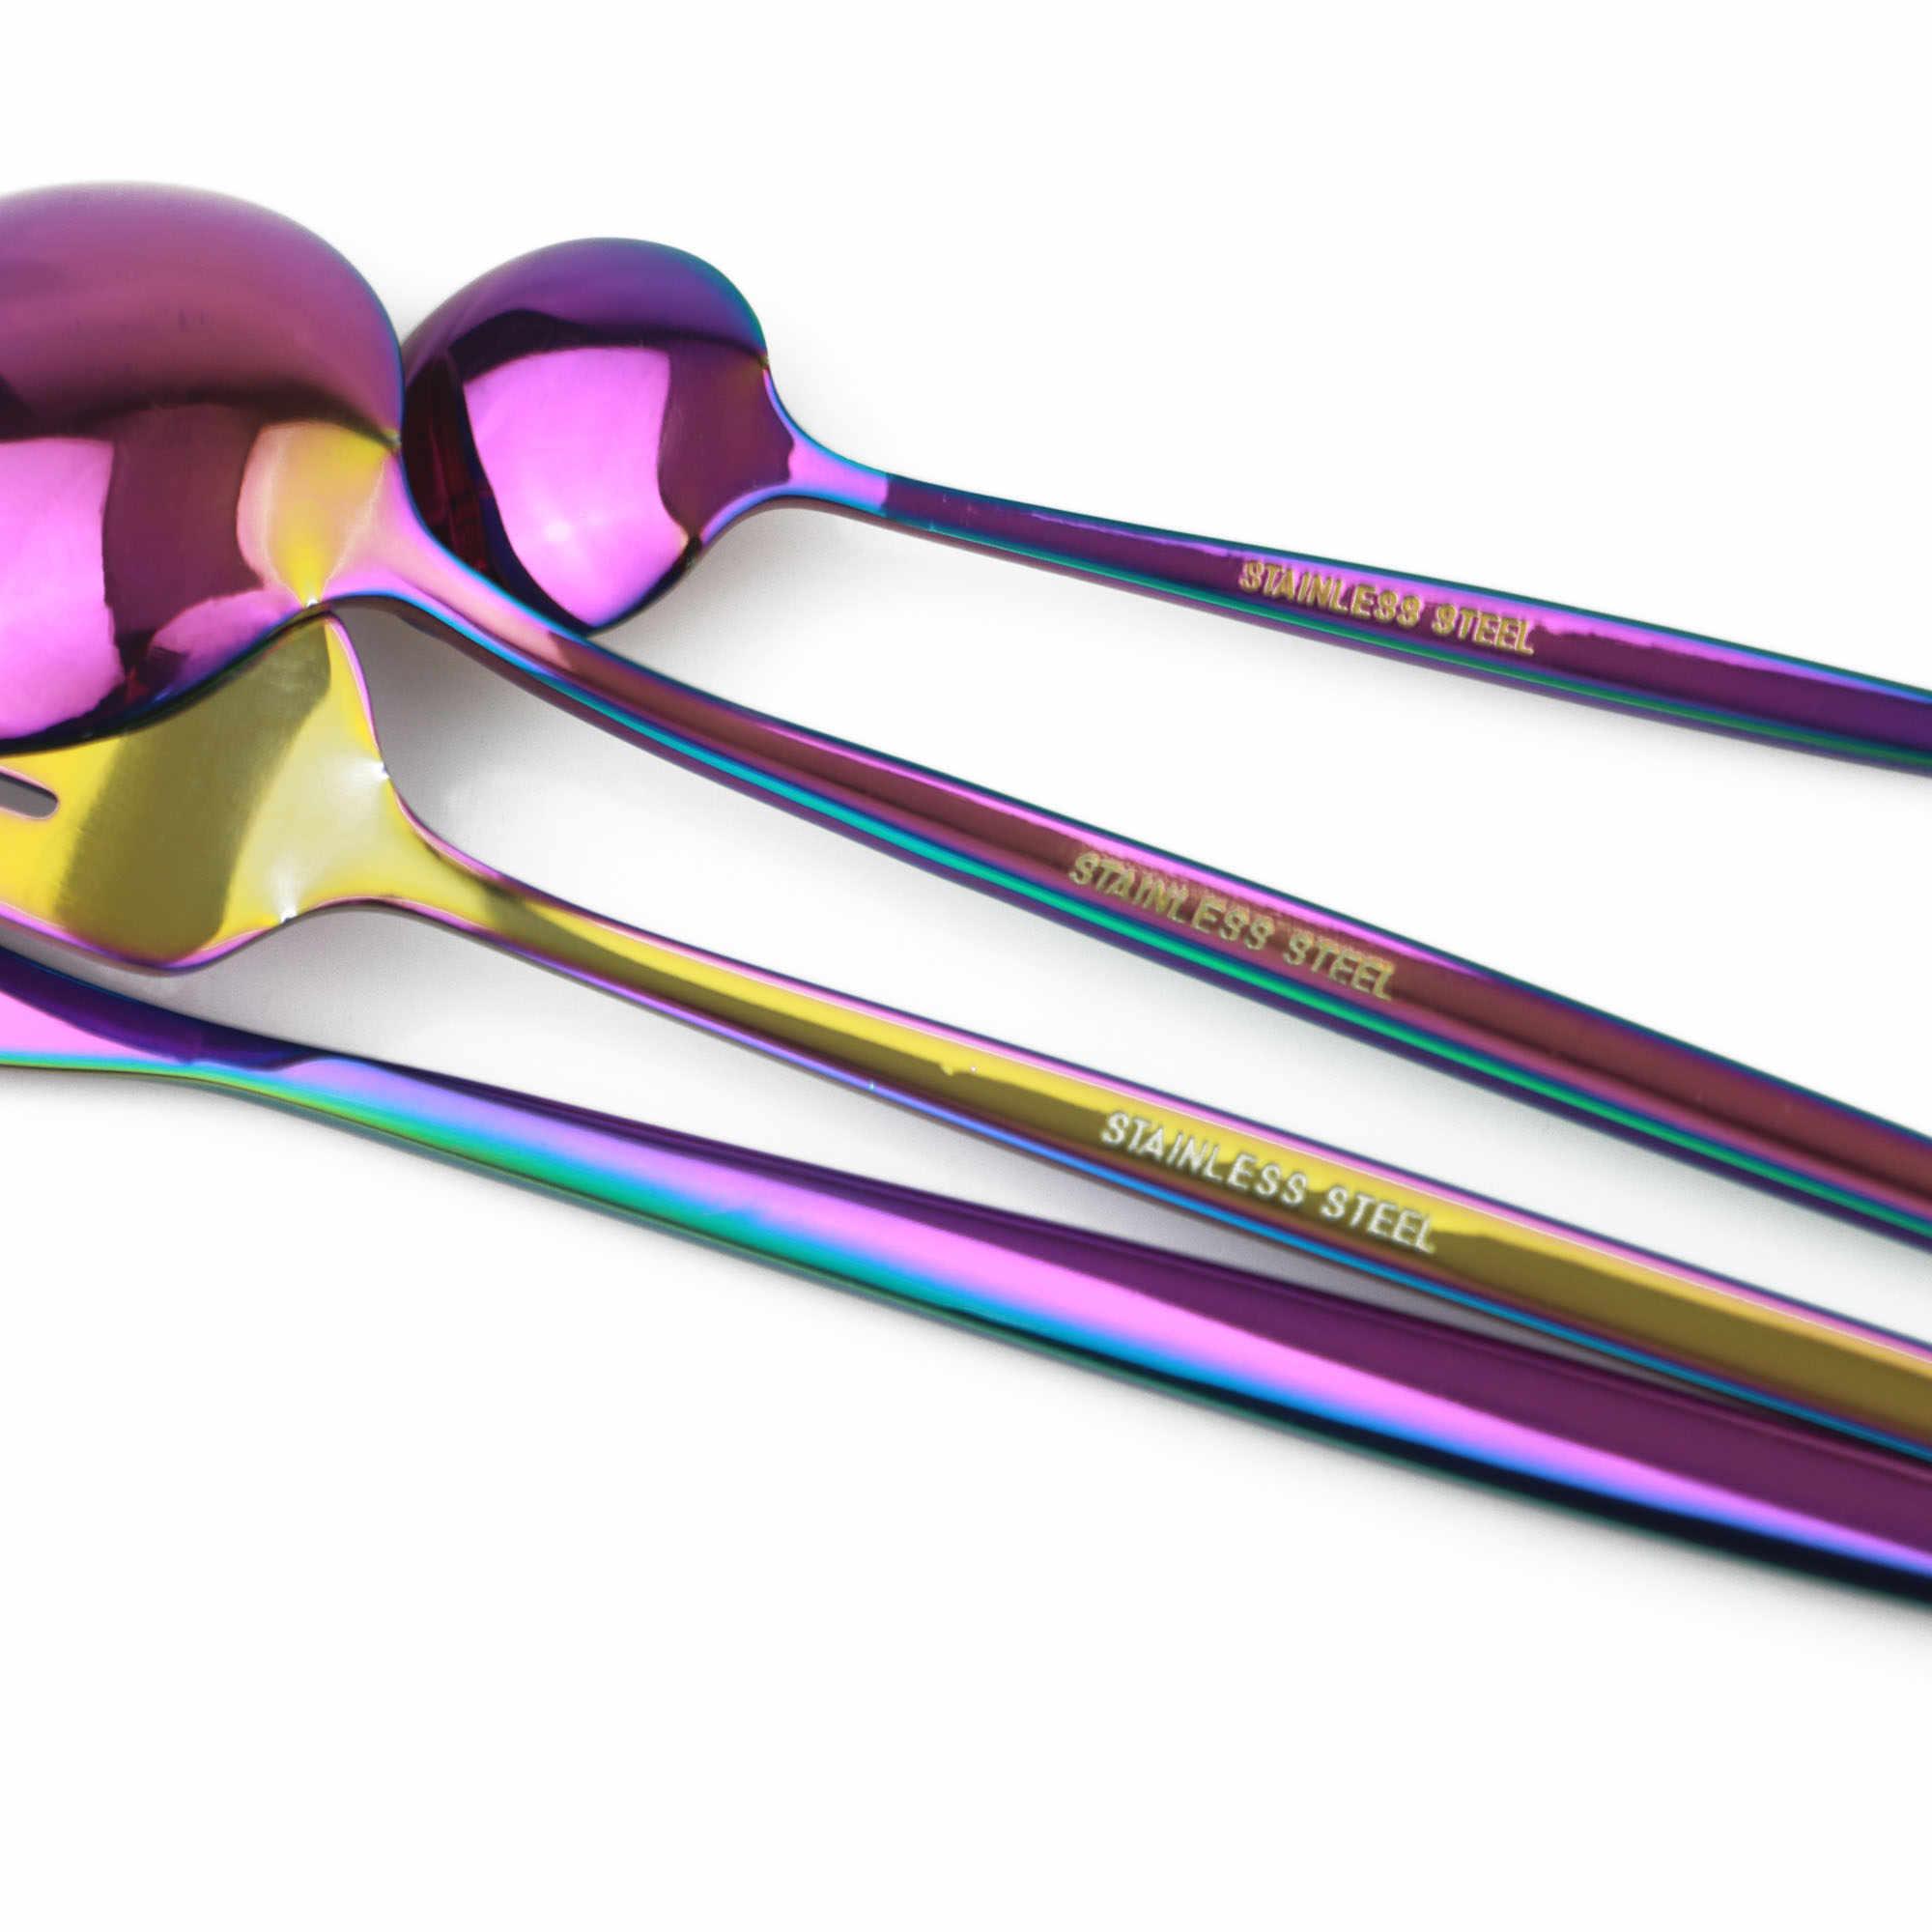 4 قطعة أسود الذهب أواني الطعام مجموعة قوس قزح السكاكين سكين شوكة ملعقة طقم ملاعق 304 الفولاذ المقاوم للصدأ الفضيات طقم أواني مائدة